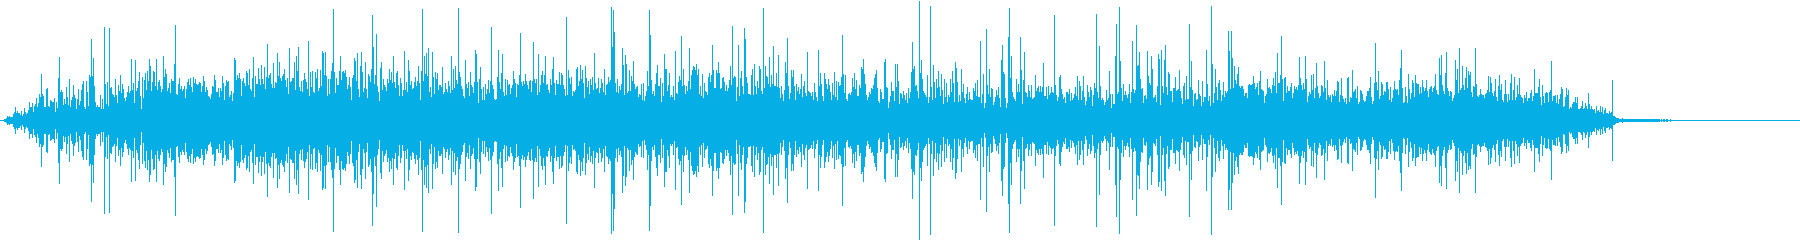 【生録音】ジューっと食材が焼ける音 2の再生済みの波形